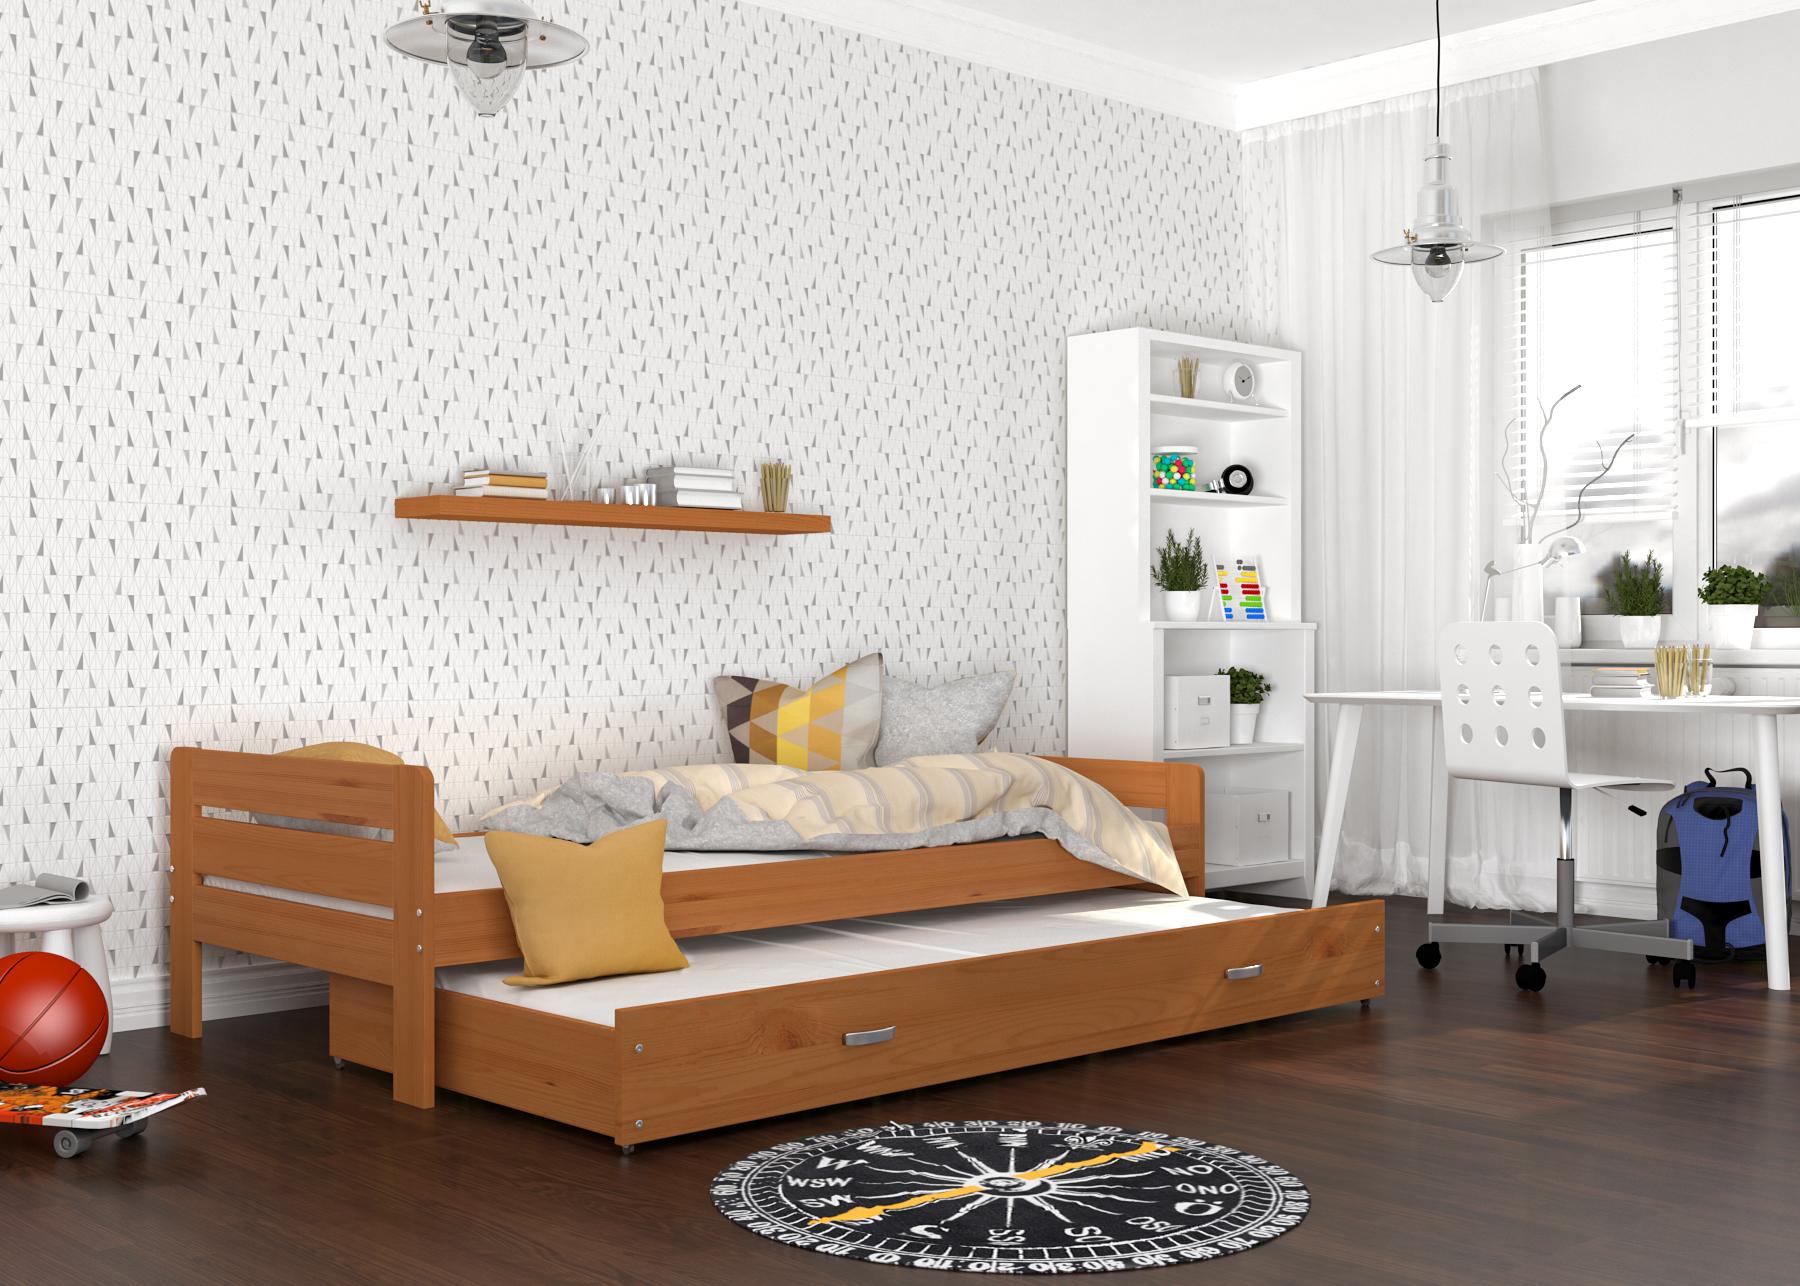 ArtAJ Detská posteľ Ben Farba: Jelša, Typ: s matracom